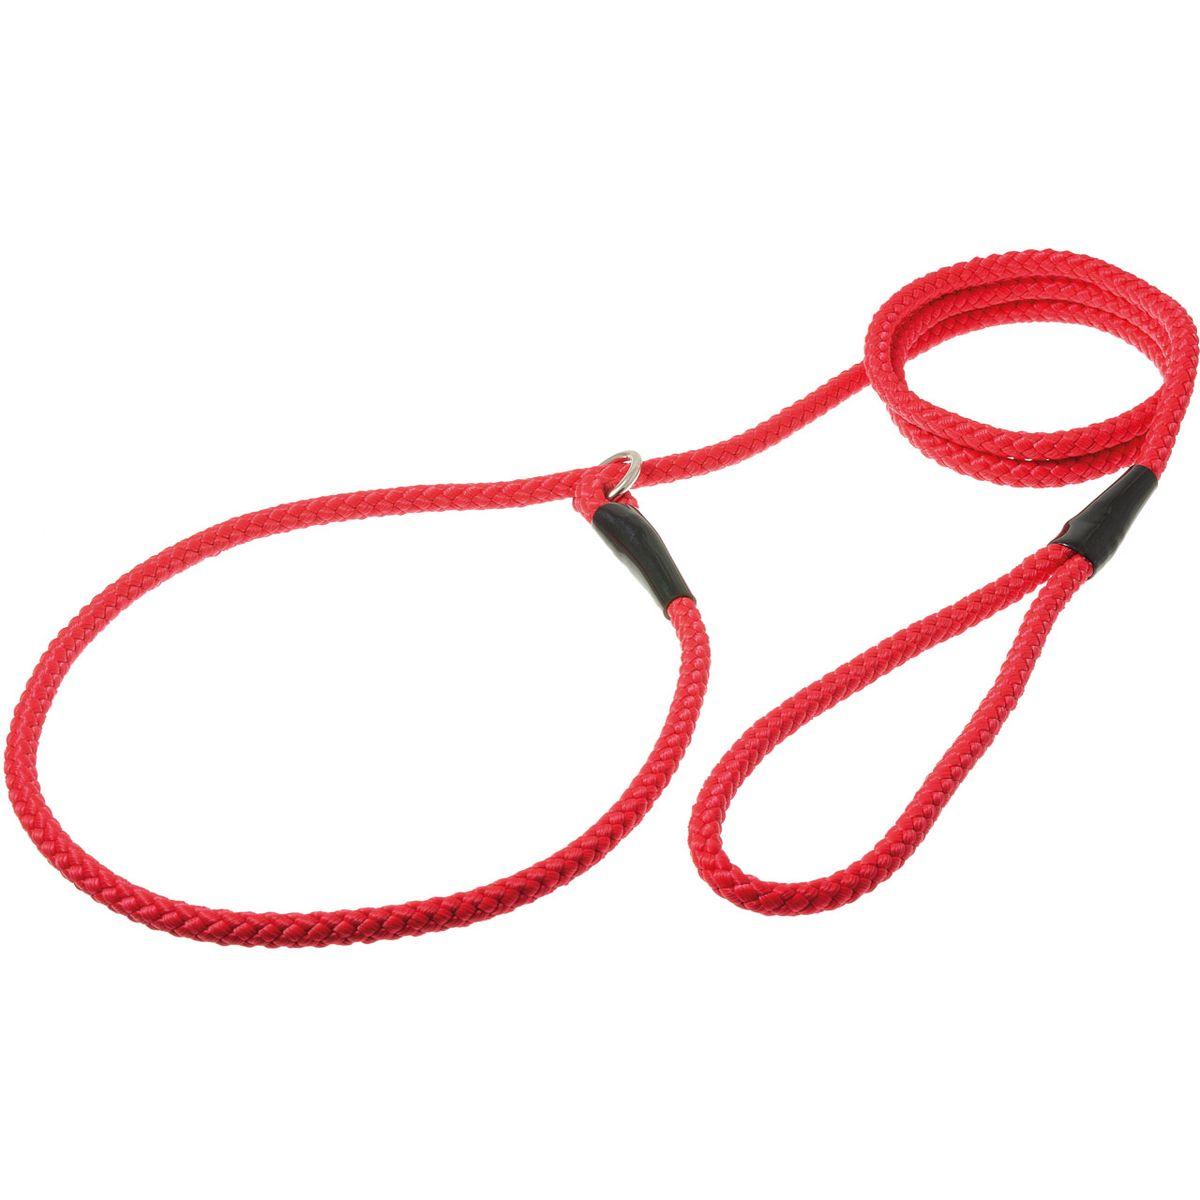 Поводок-удавка с кольцом нейлоновый канат 8мм*170см (красный)PDE0868R